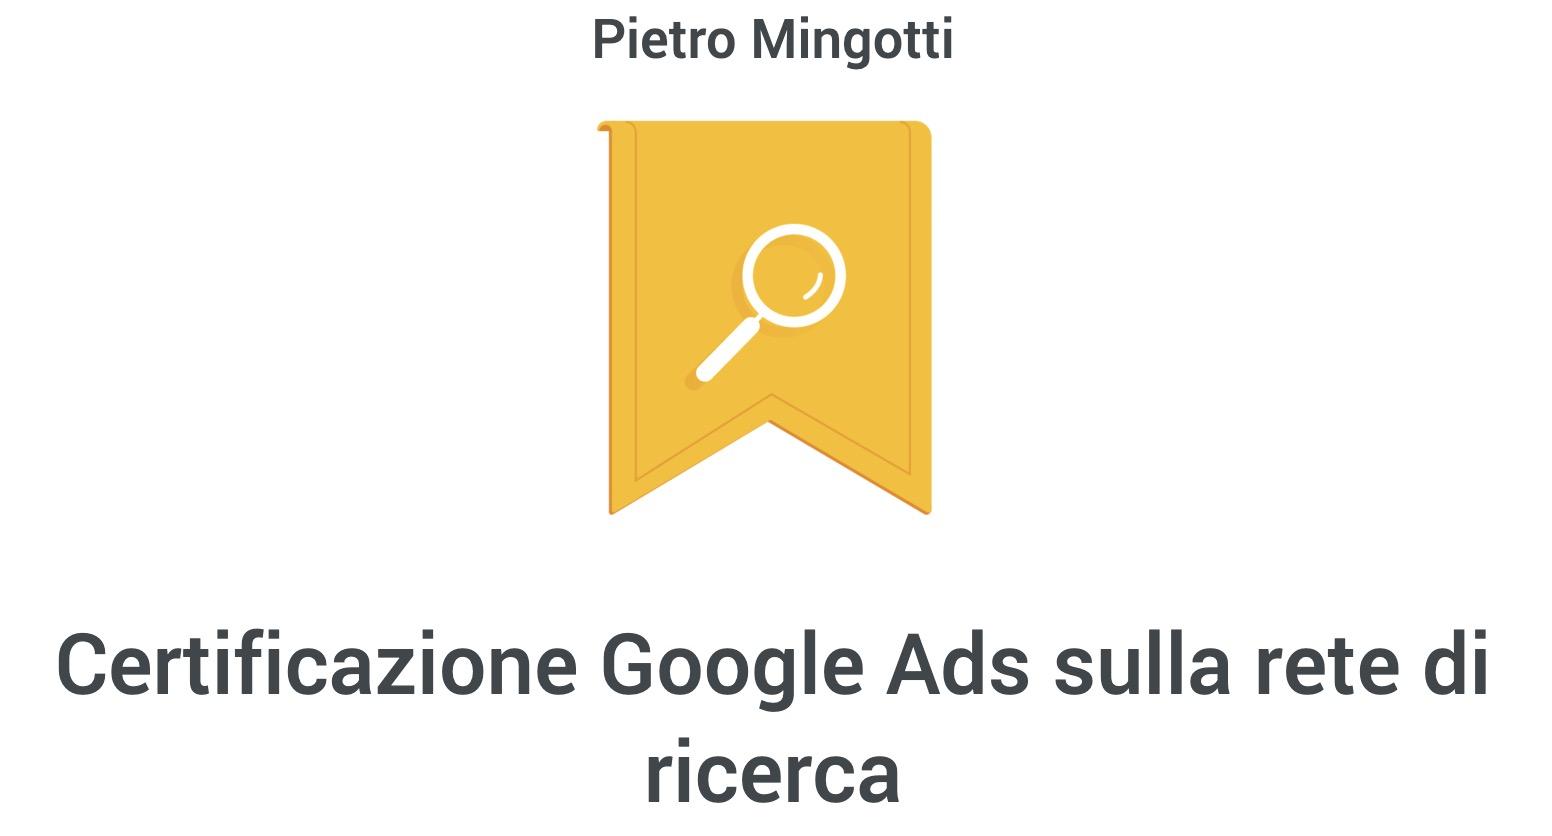 Pietro Mingotti Certificazioni Google